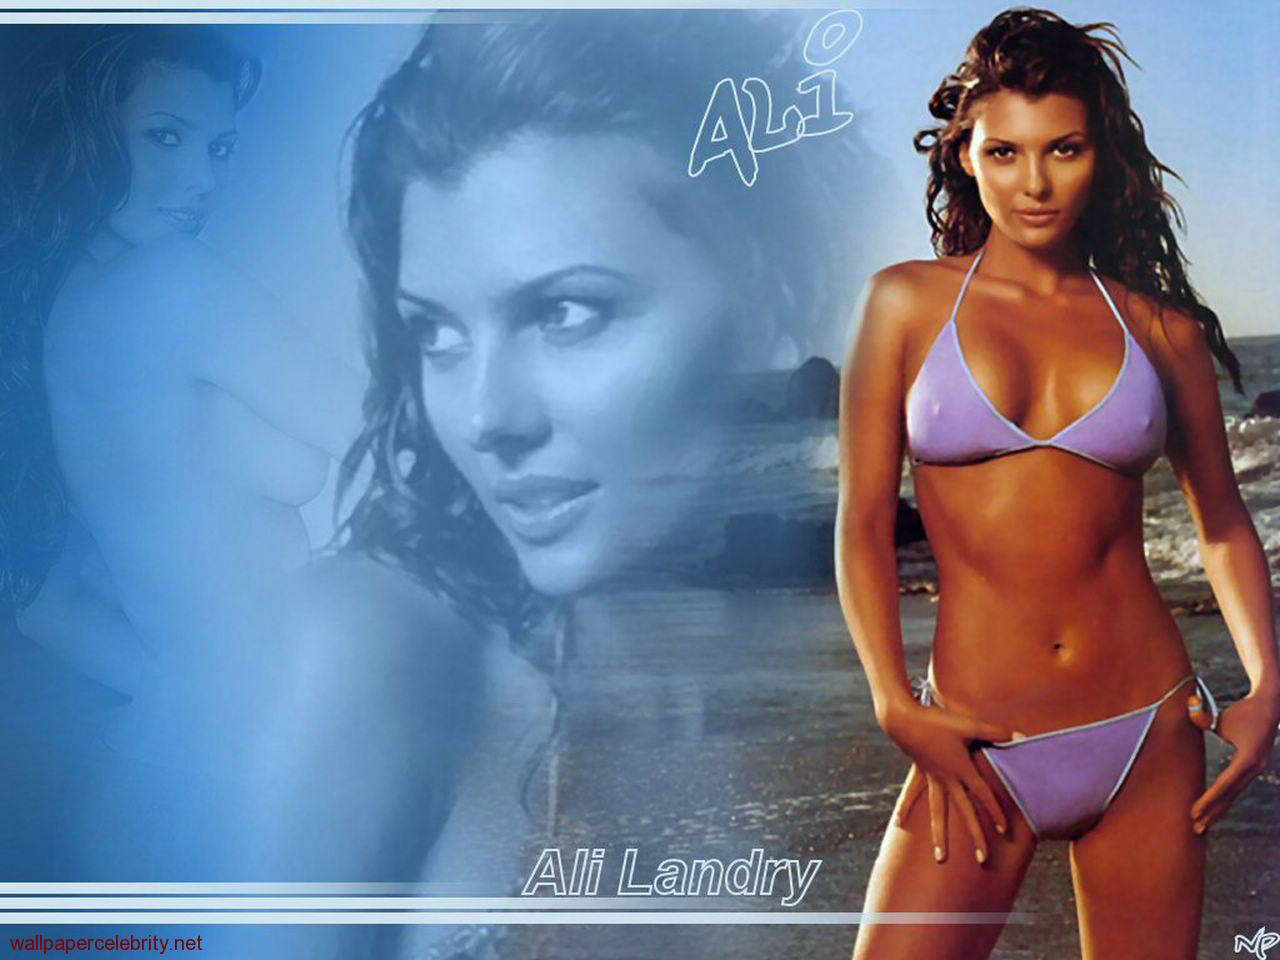 http://1.bp.blogspot.com/-HmSSc1pwvgc/Tn6Urwc0wbI/AAAAAAAAAVc/7SP2dHWszTY/s1600/Ali-Landry-09-1.jpg